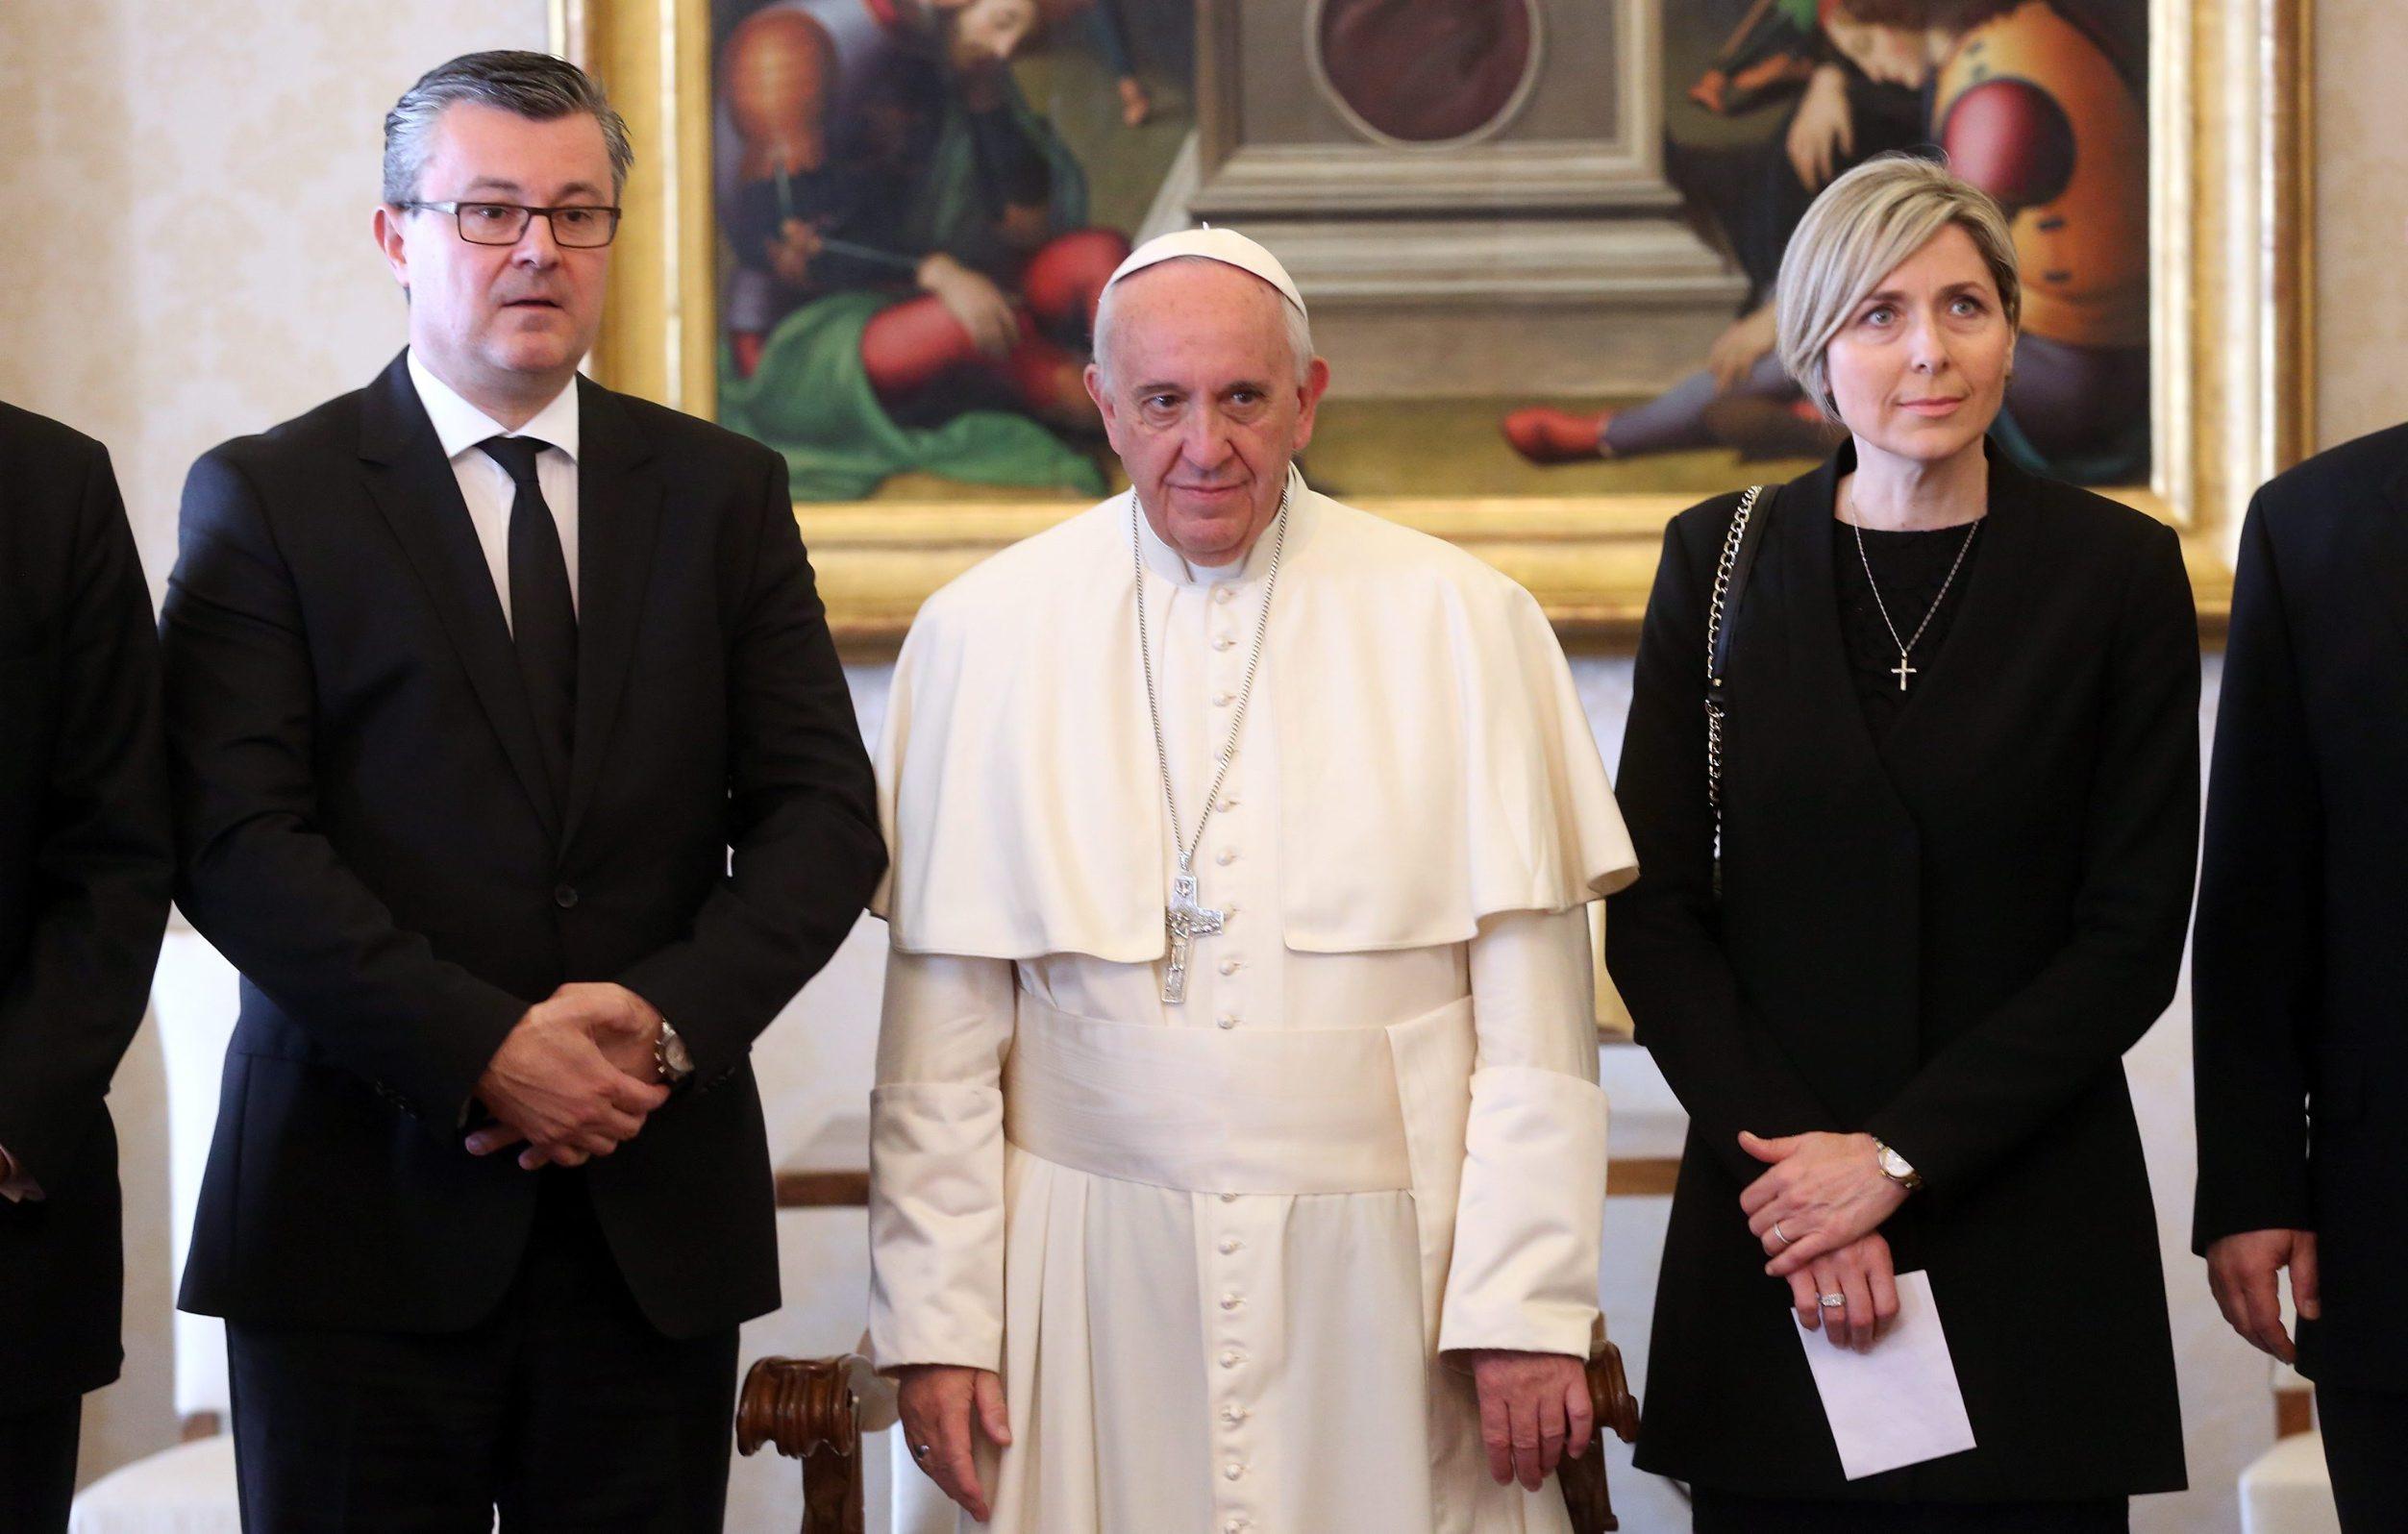 Tihomir Orešković sa suprugom Sanjom kod pape Franje